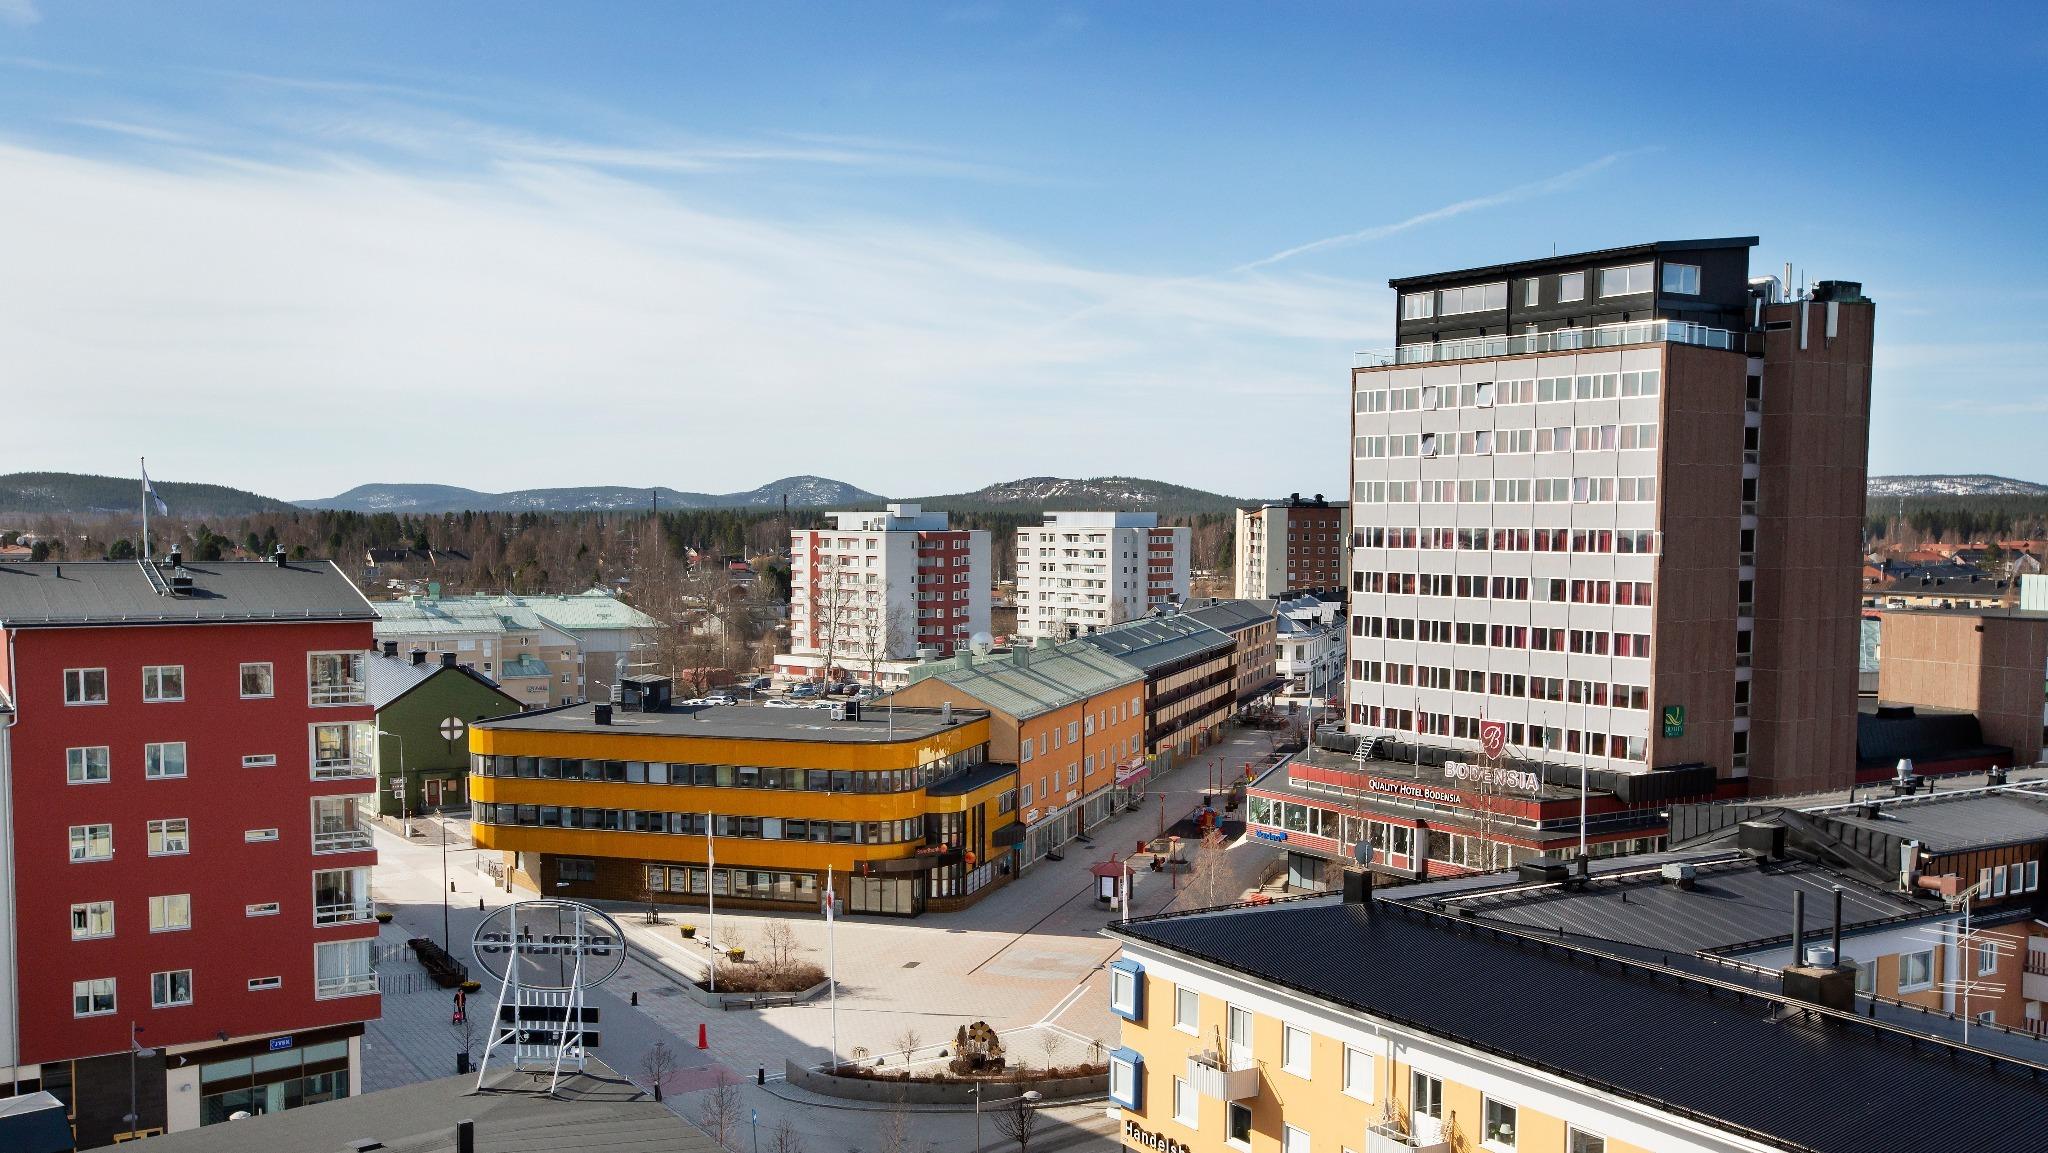 Om firande i vår - en bild på Medborgarplatsen i Boden